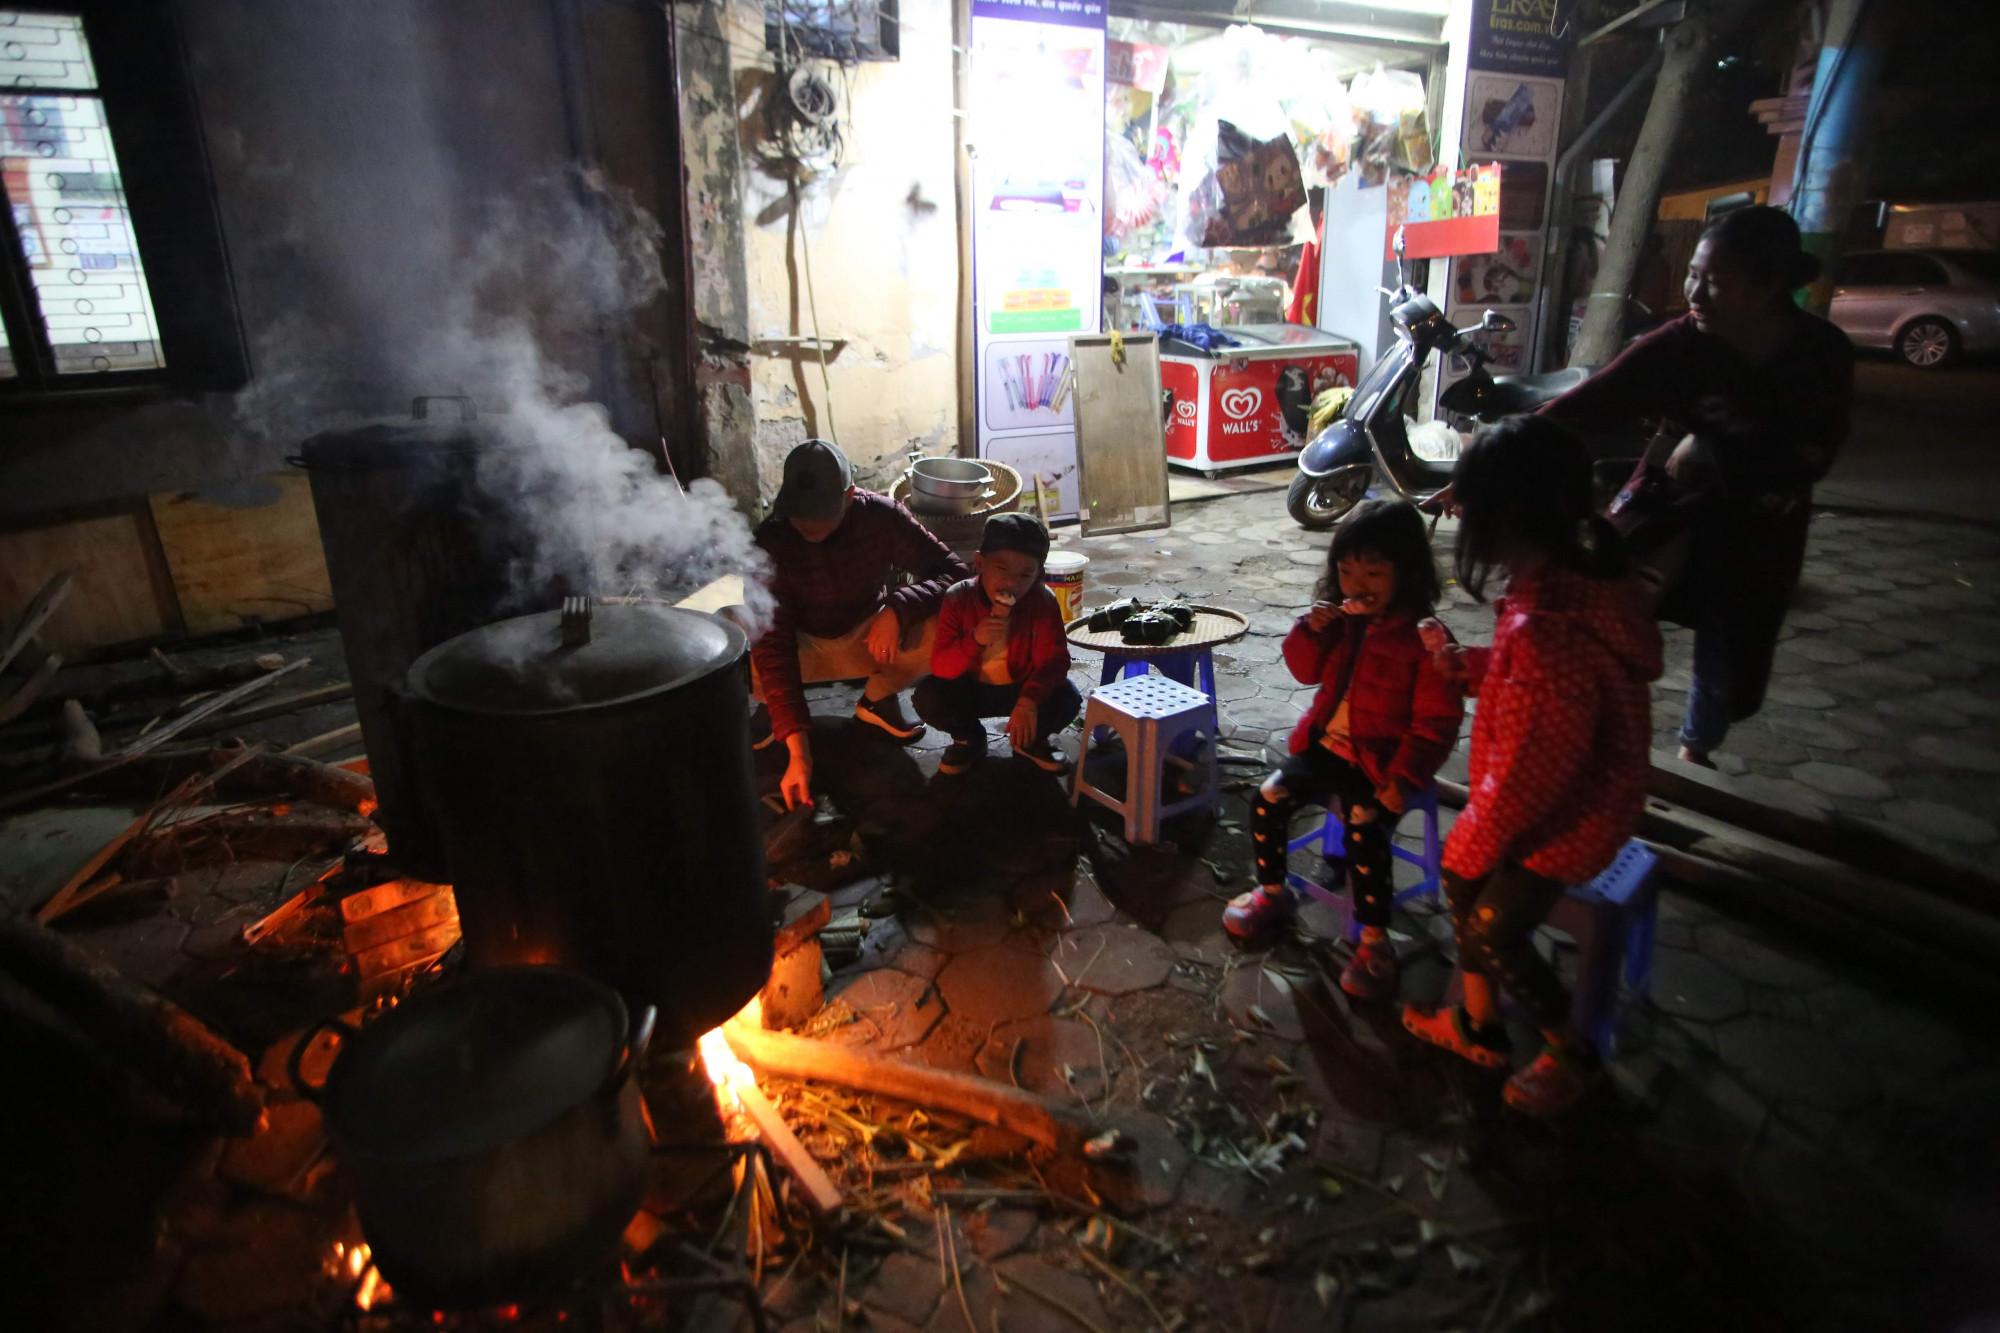 Những đứa bé cùng cha mẹ canh nồi bánh chưng, đây cũng sẽ là những kỉ niệm tuyệt vời của các bé. Tại Hà Nội chật chội và xô bồ, ít em nhỏ được trải nghiệm cảm giác ngồi bên nồi bánh chưng đang đỏ lửa vào những ngày Hà Nội lạnh giá như vậy.